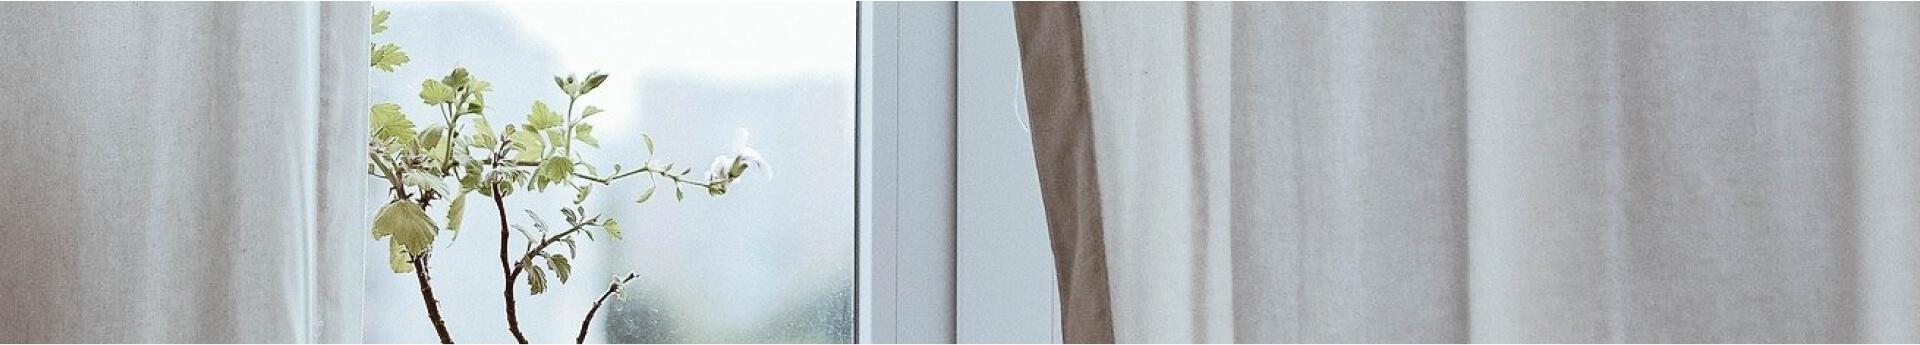 Пластиковые окна BLITZ